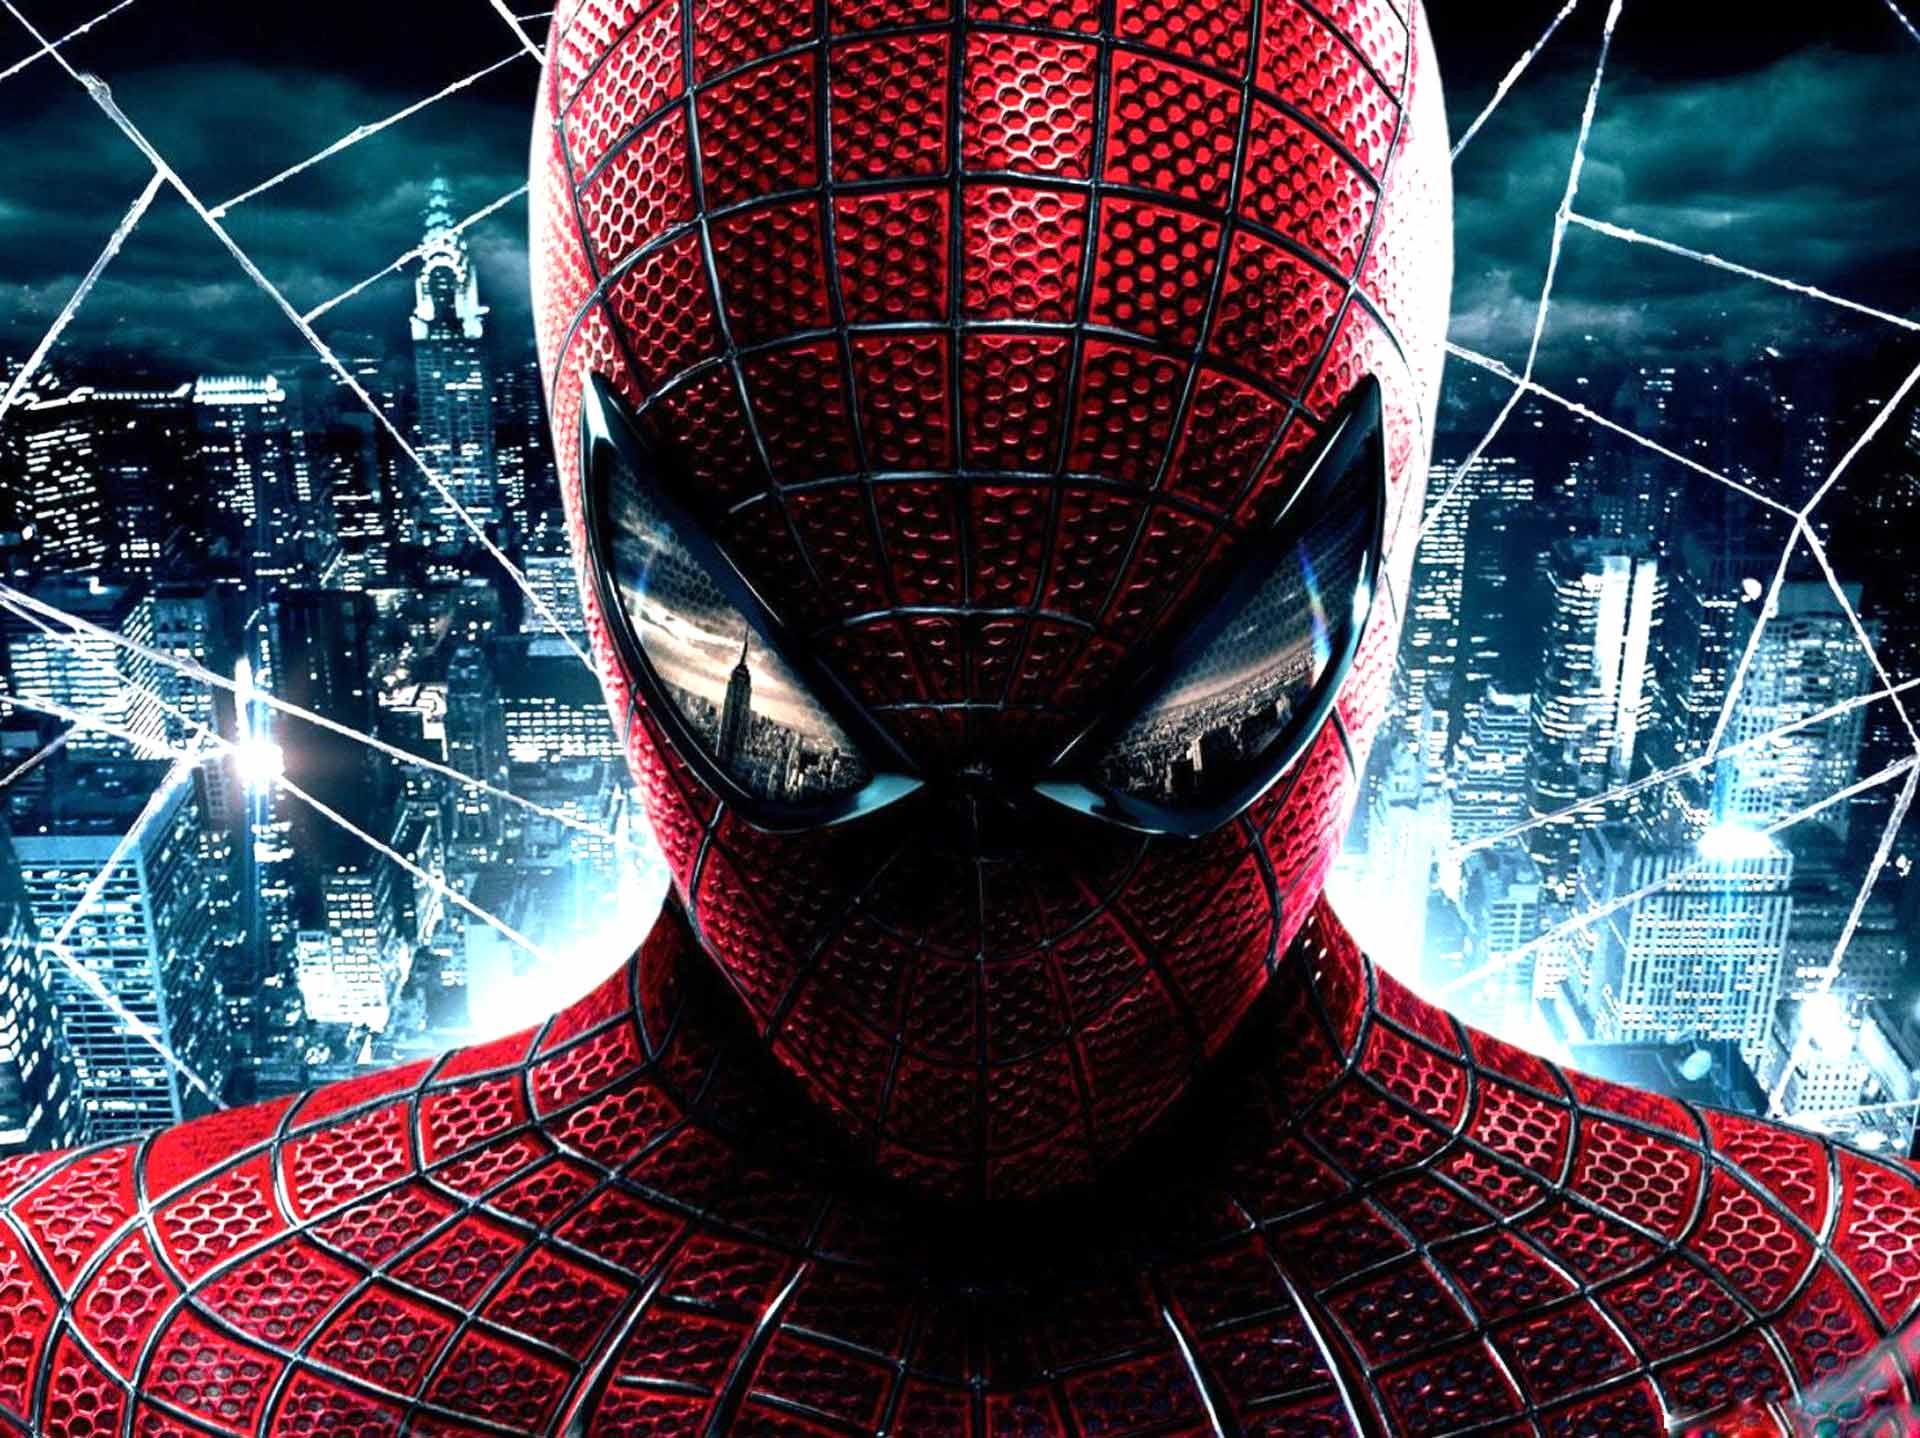 spiderman desktop wallpaper - wallpapersafari